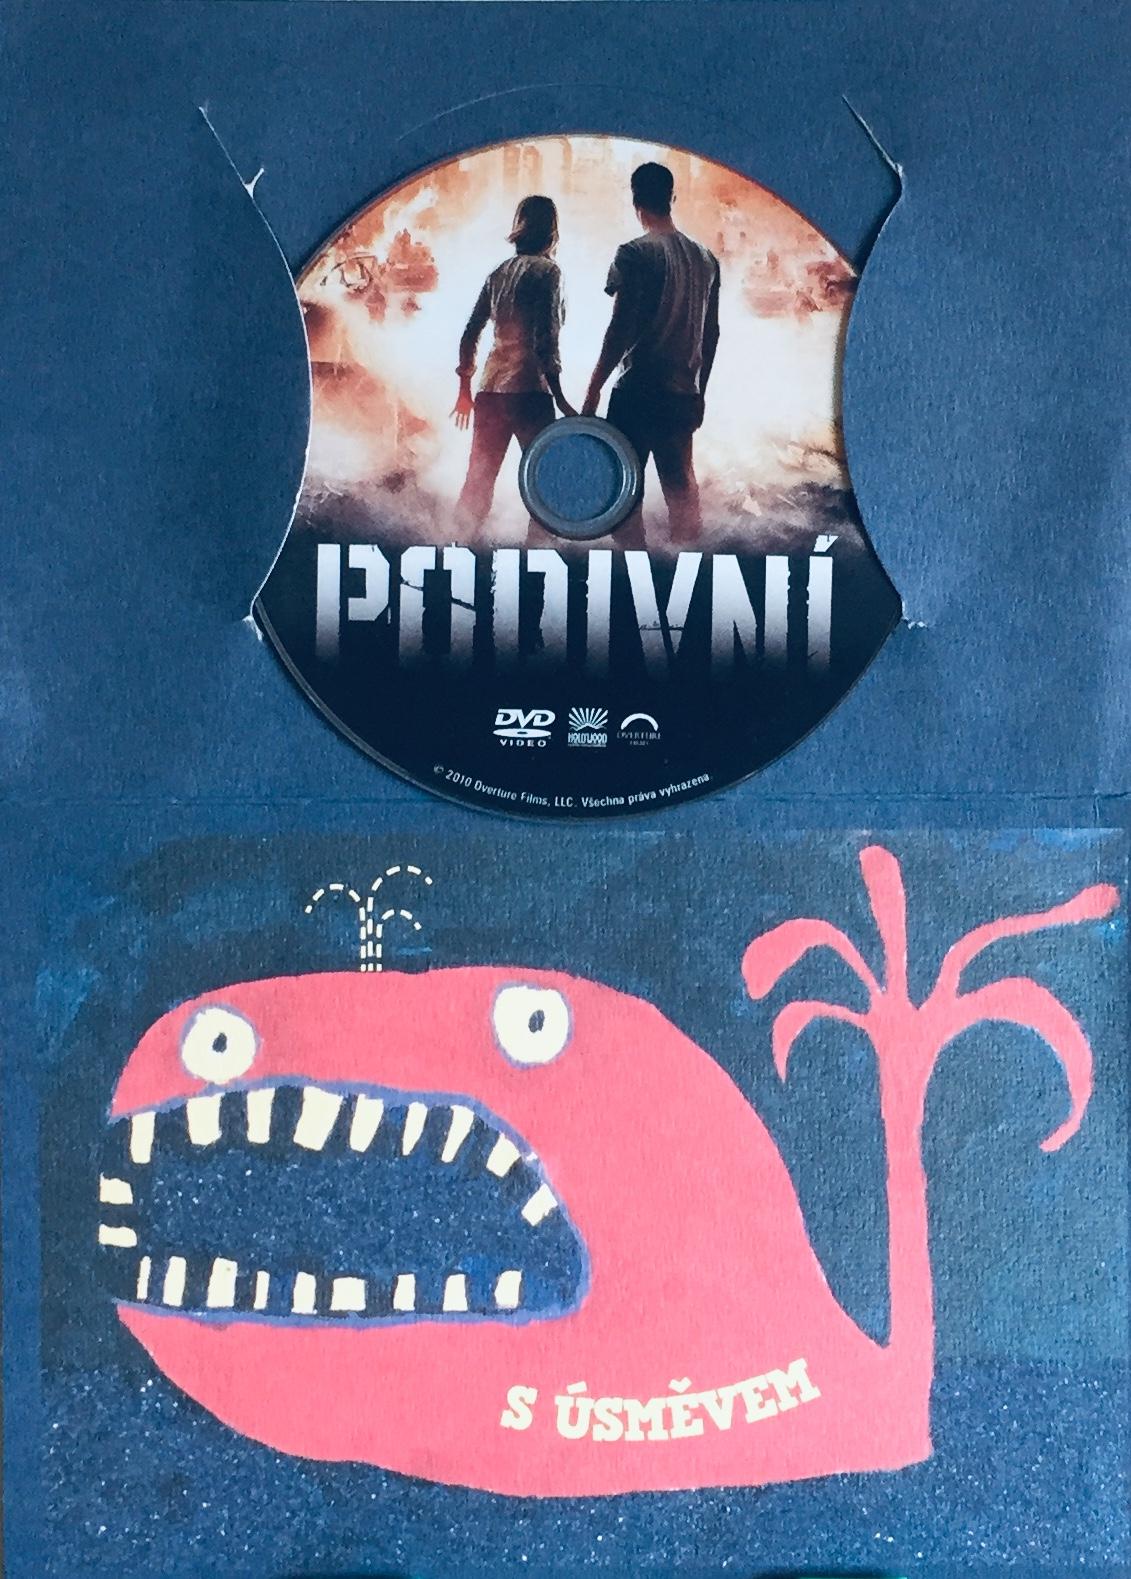 Podivní - DVD /dárkový obal/